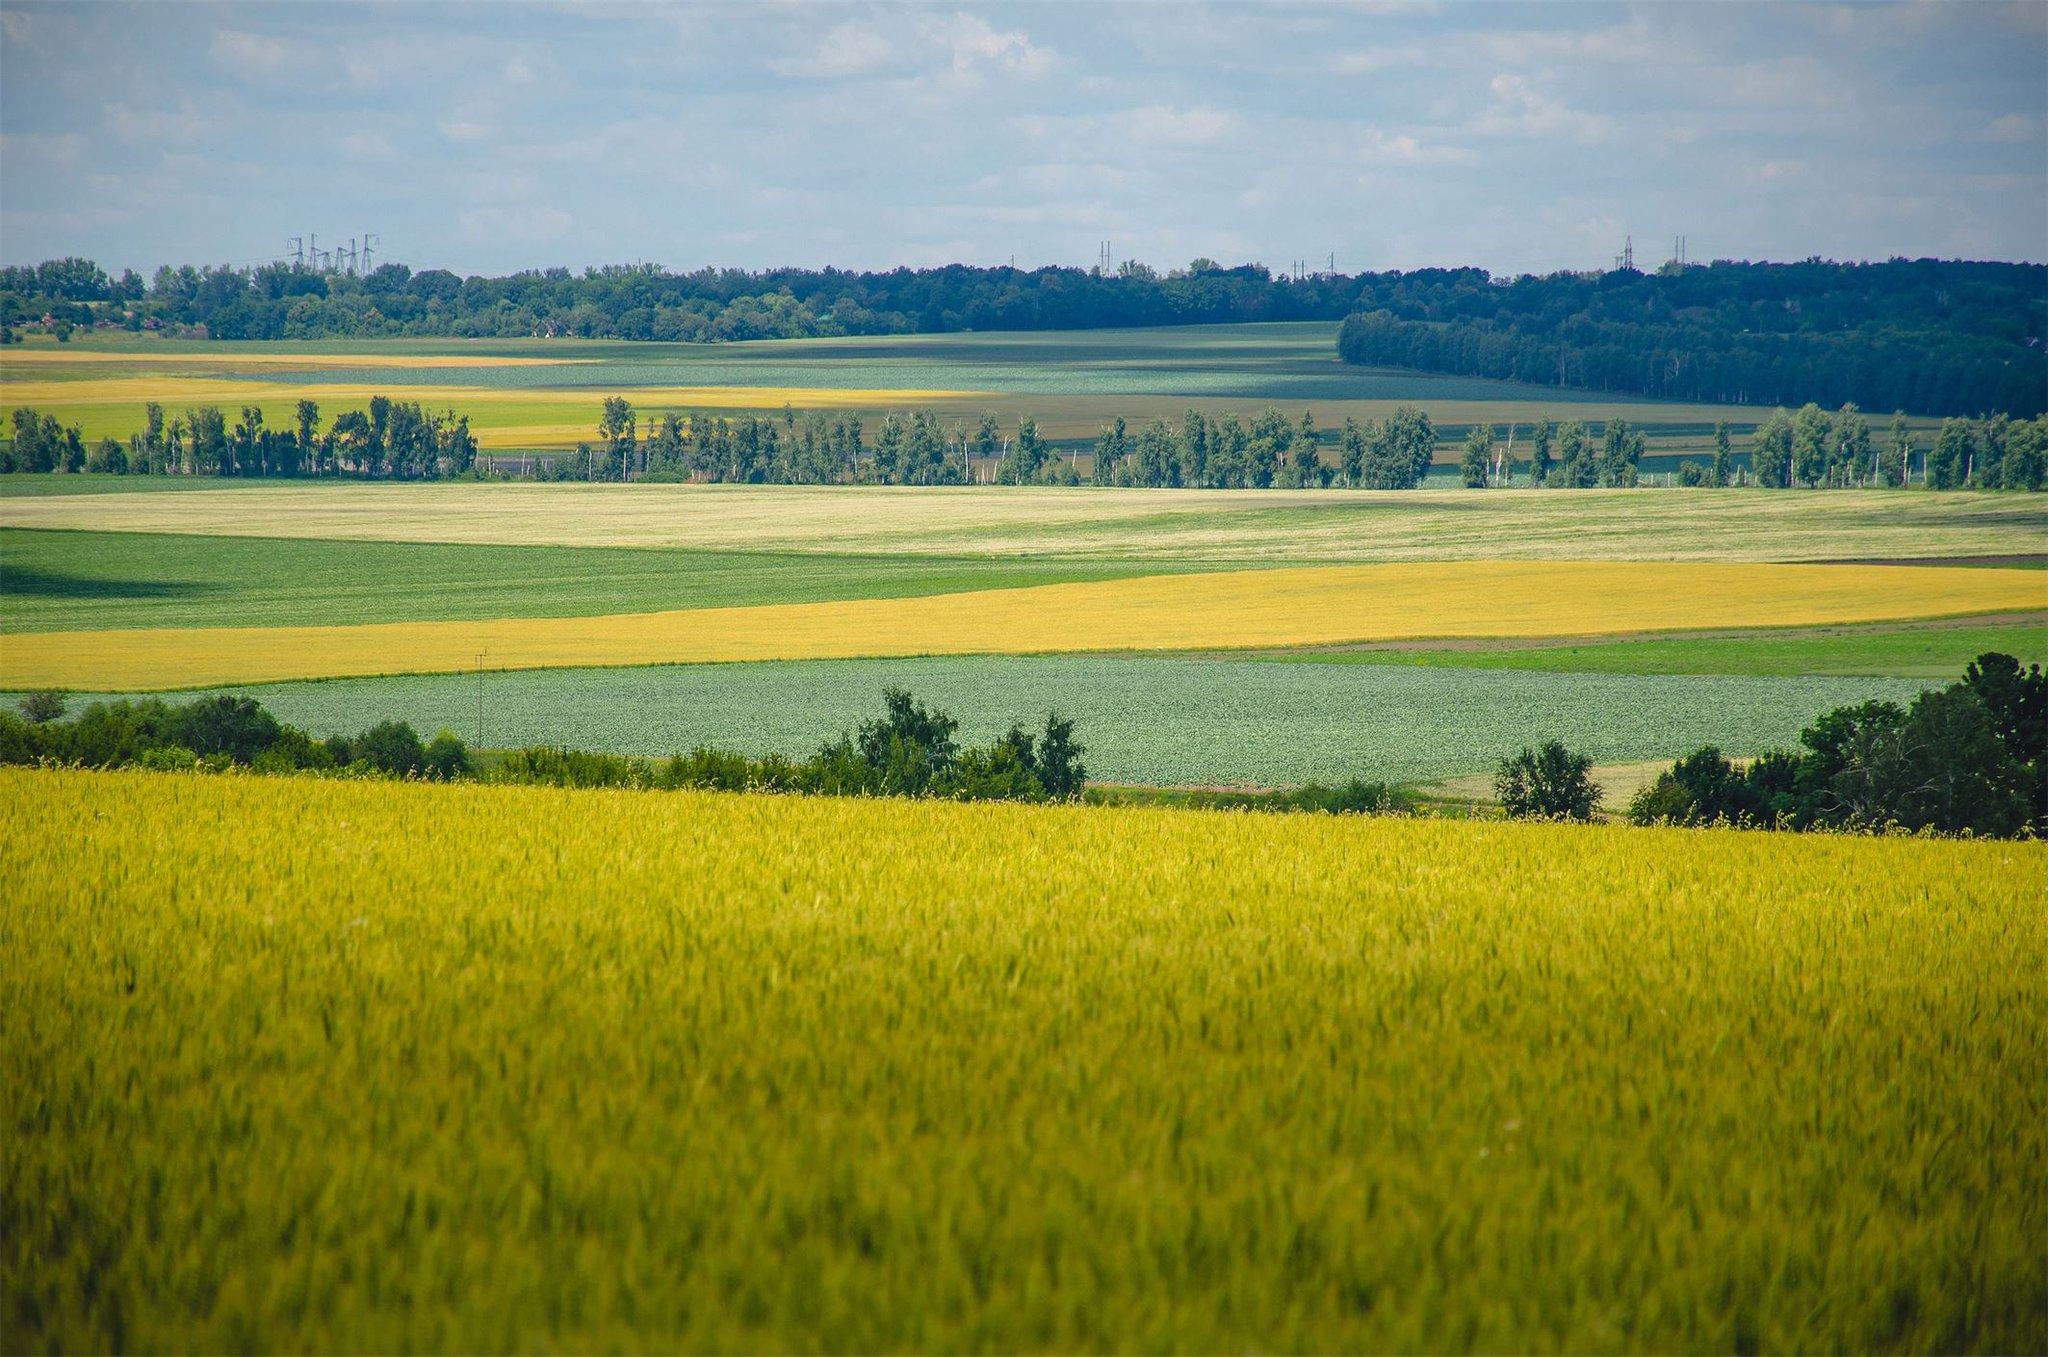 понимание фото лучшие виды русских полей мне подборку